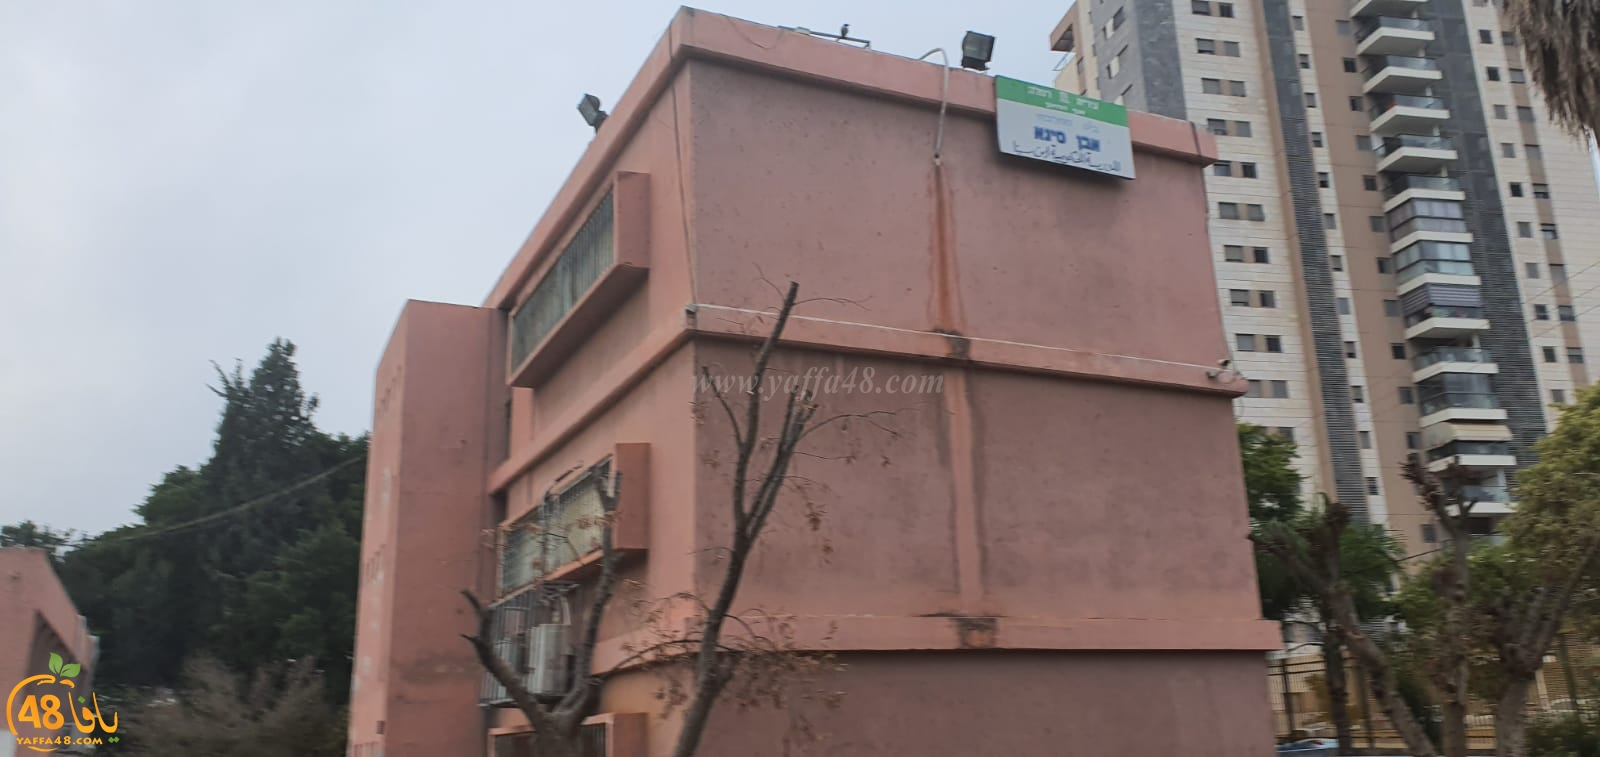 الرملة: البلدية تُقرر اغلاق مبنى يتبع لمدرسة ابن سينا بالمدينة